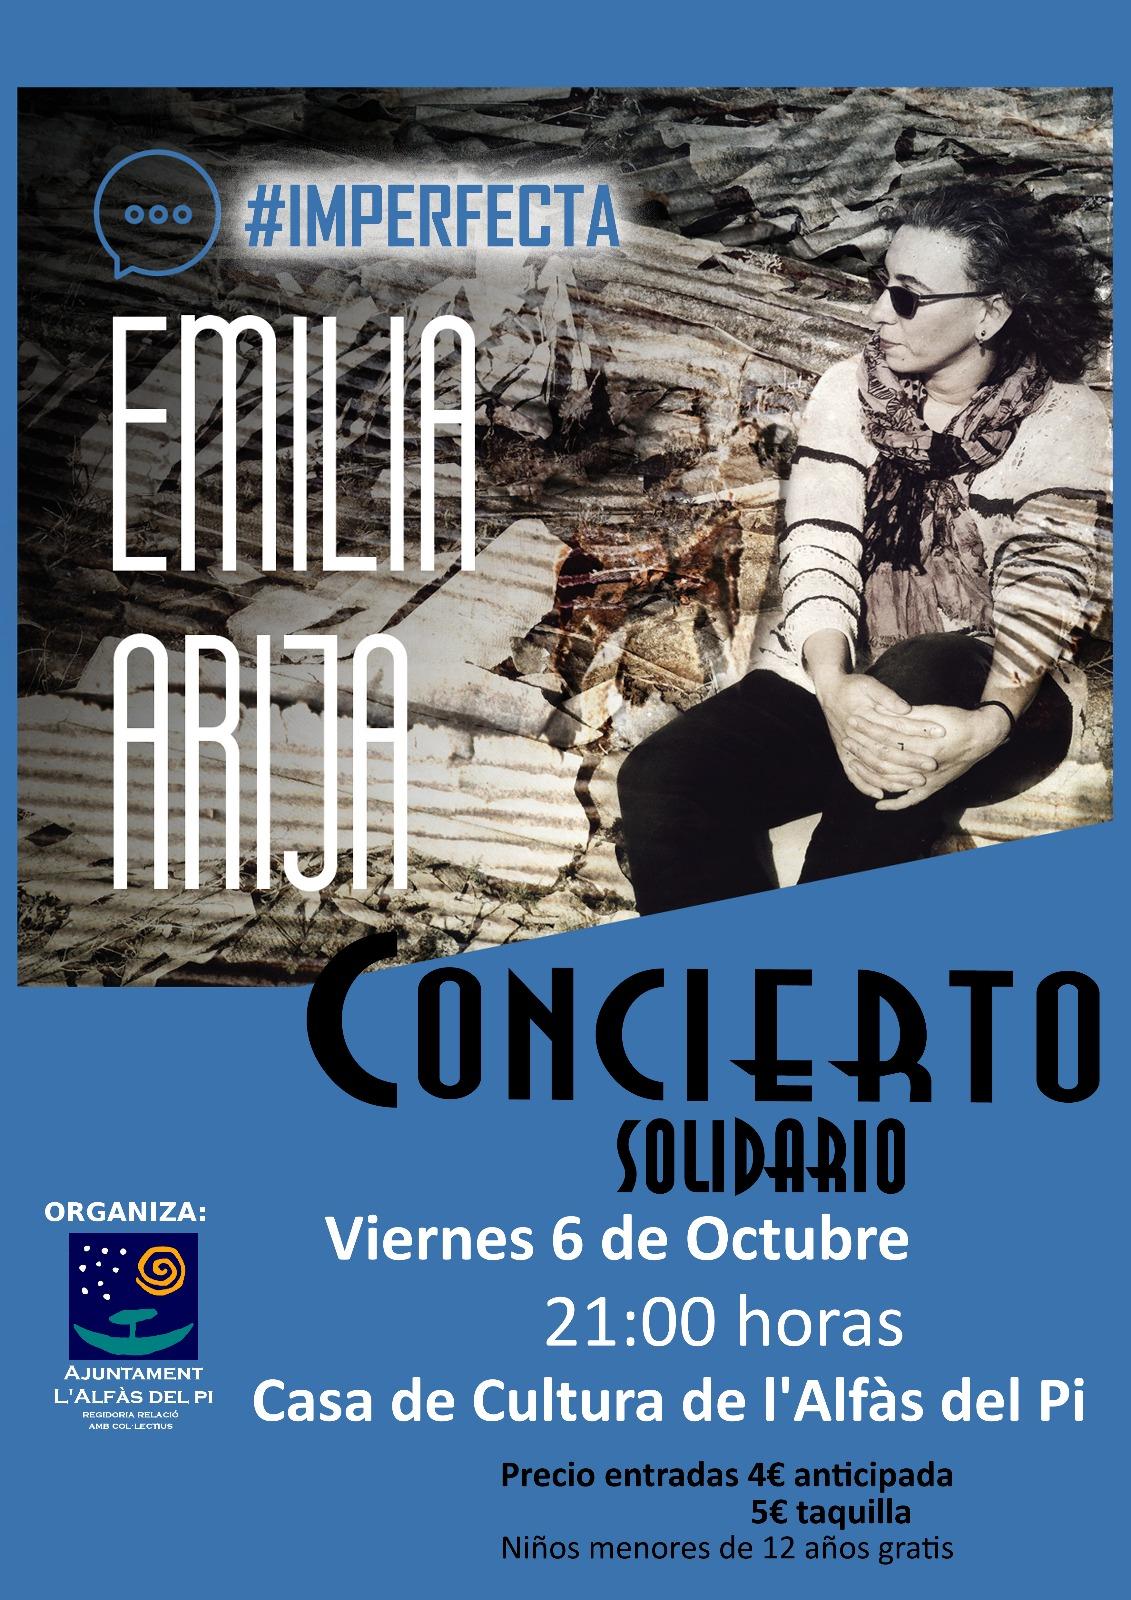 Concierto solidario de Emilia Arija en la Casa de Cultura de l'Alfàs